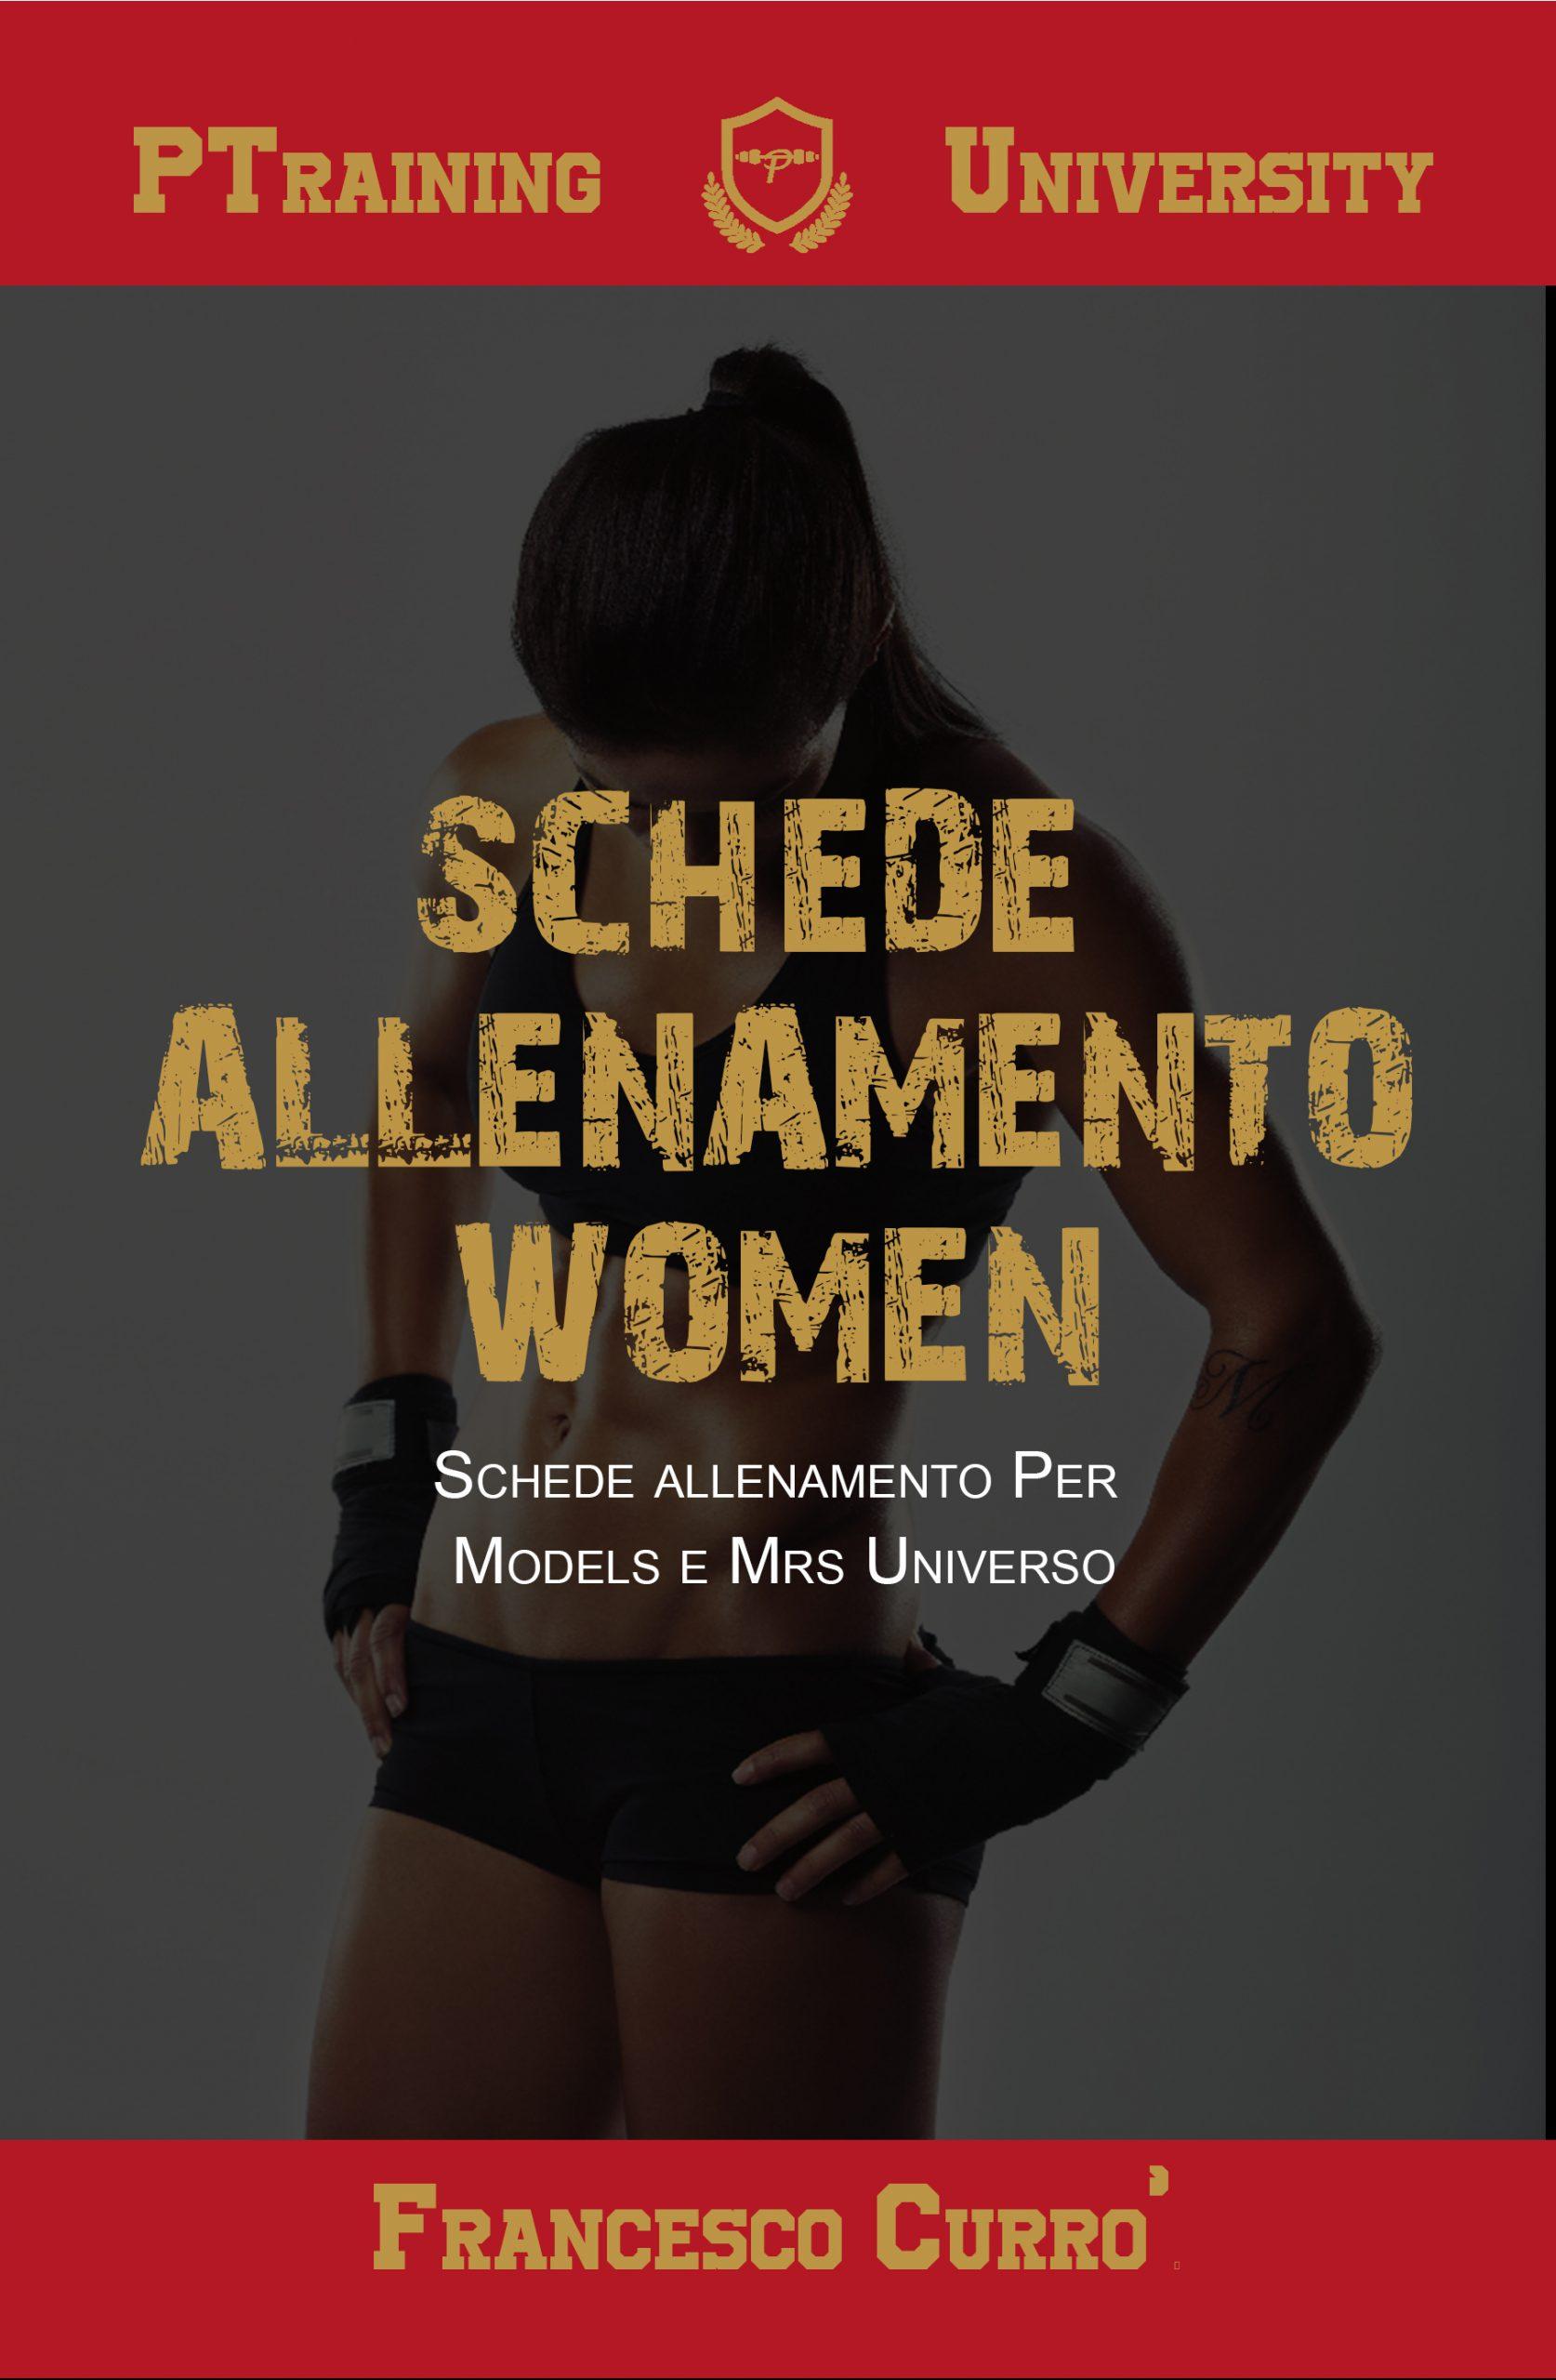 schede allenamento woman ebook